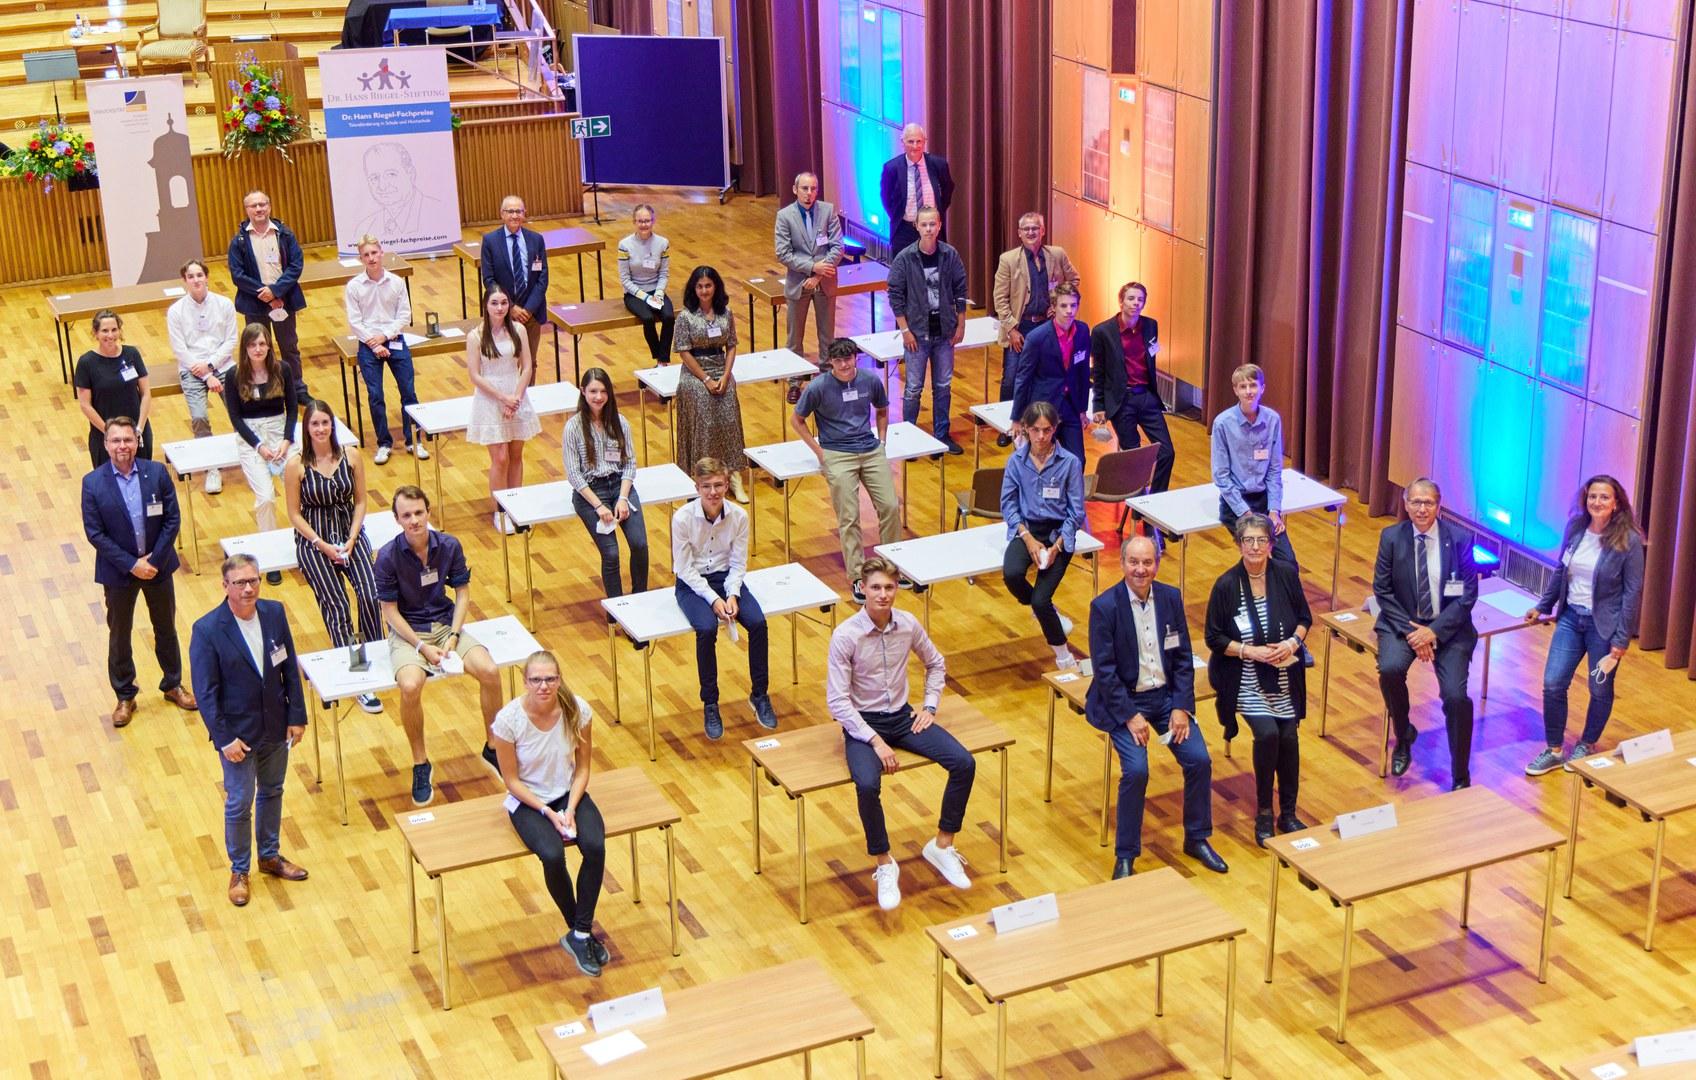 Preisträger:innen mit Vertretungen der Dr. Hans Riegel-Stiftung und der Universität Bonn sowie den Fachgutachter:innen